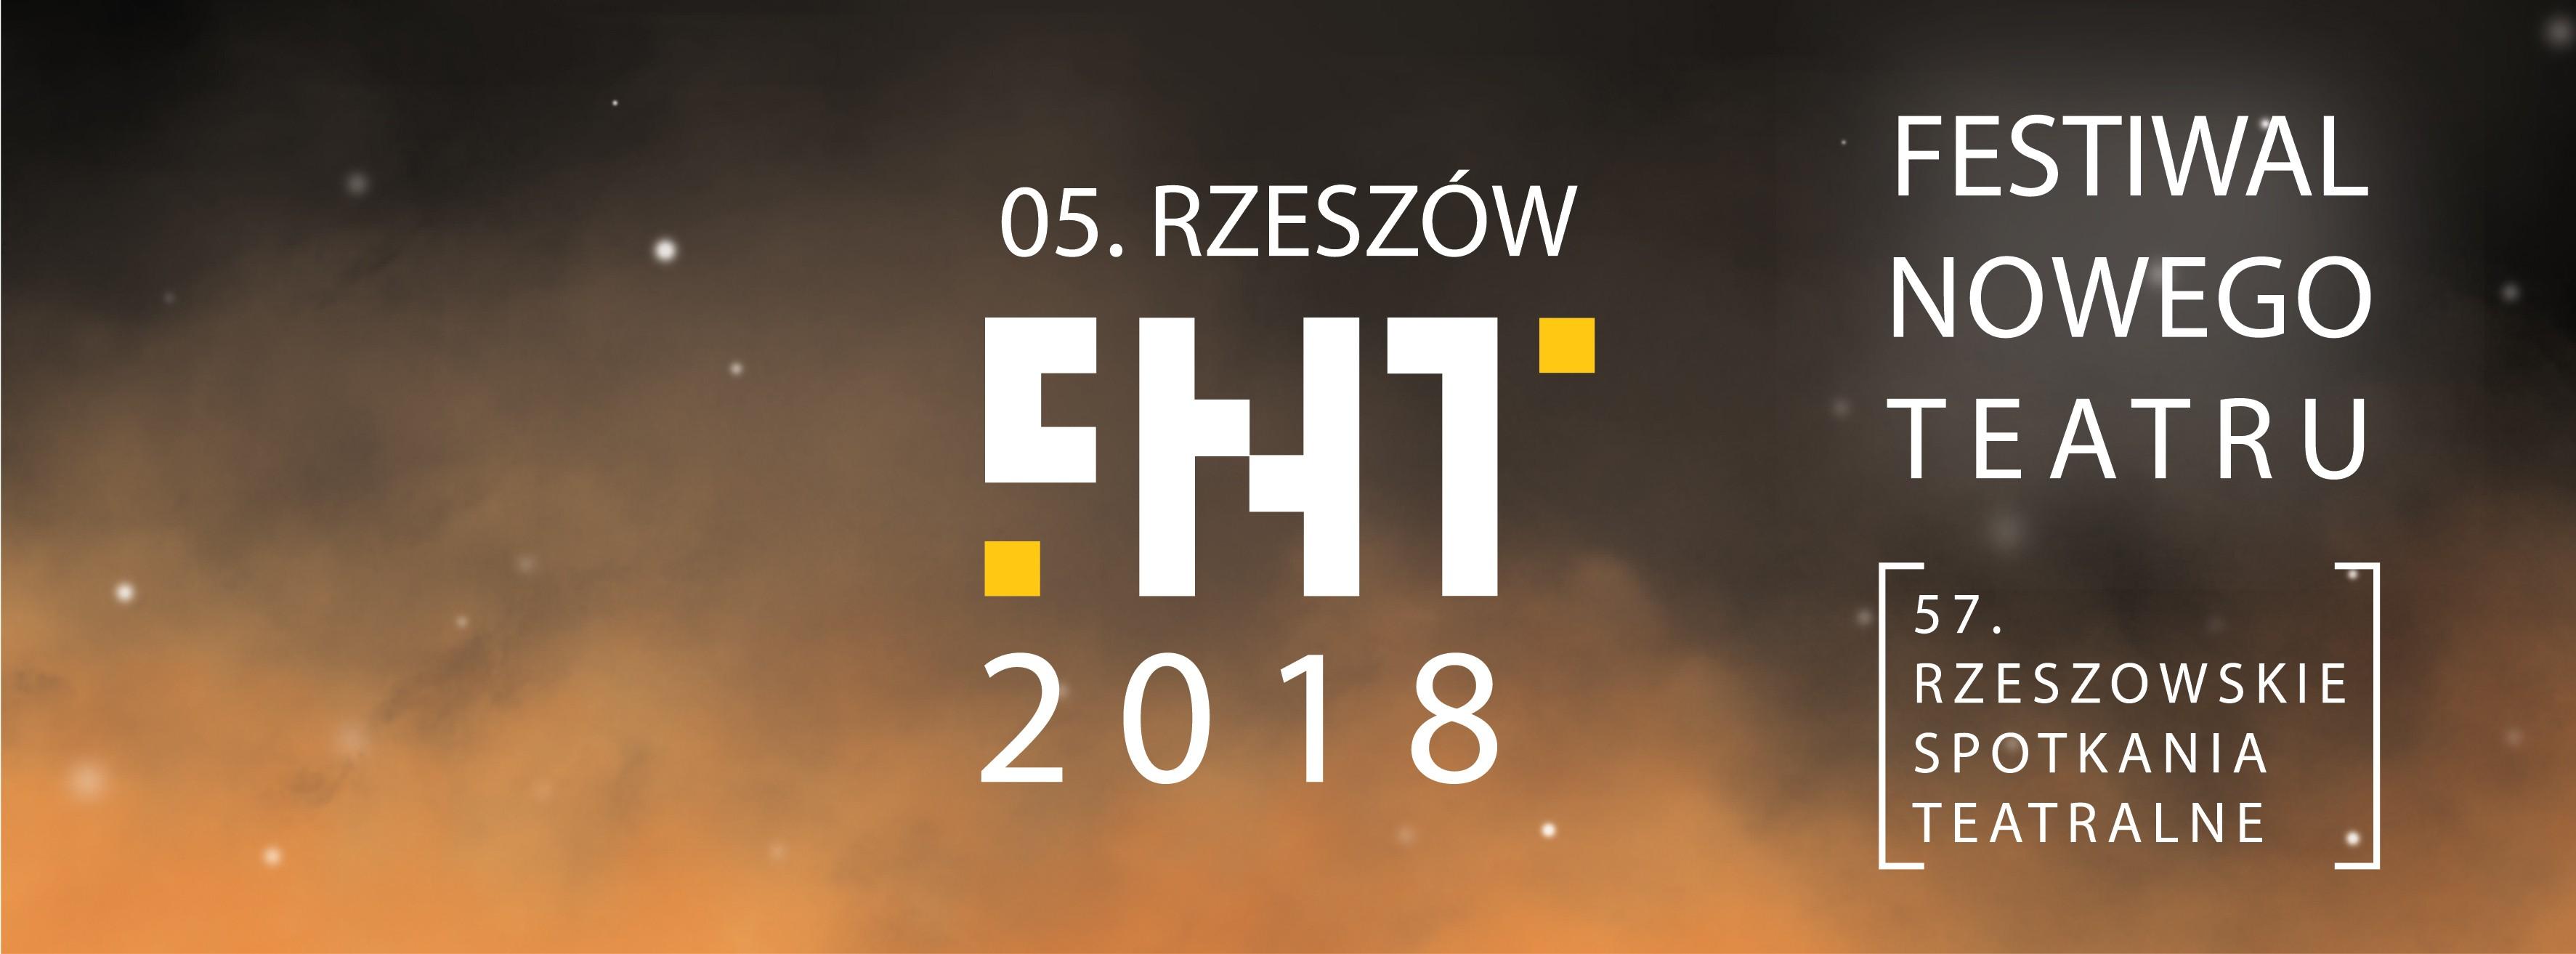 Andrzej Piątek zapowiada 5. Festiwal Nowego Teatru